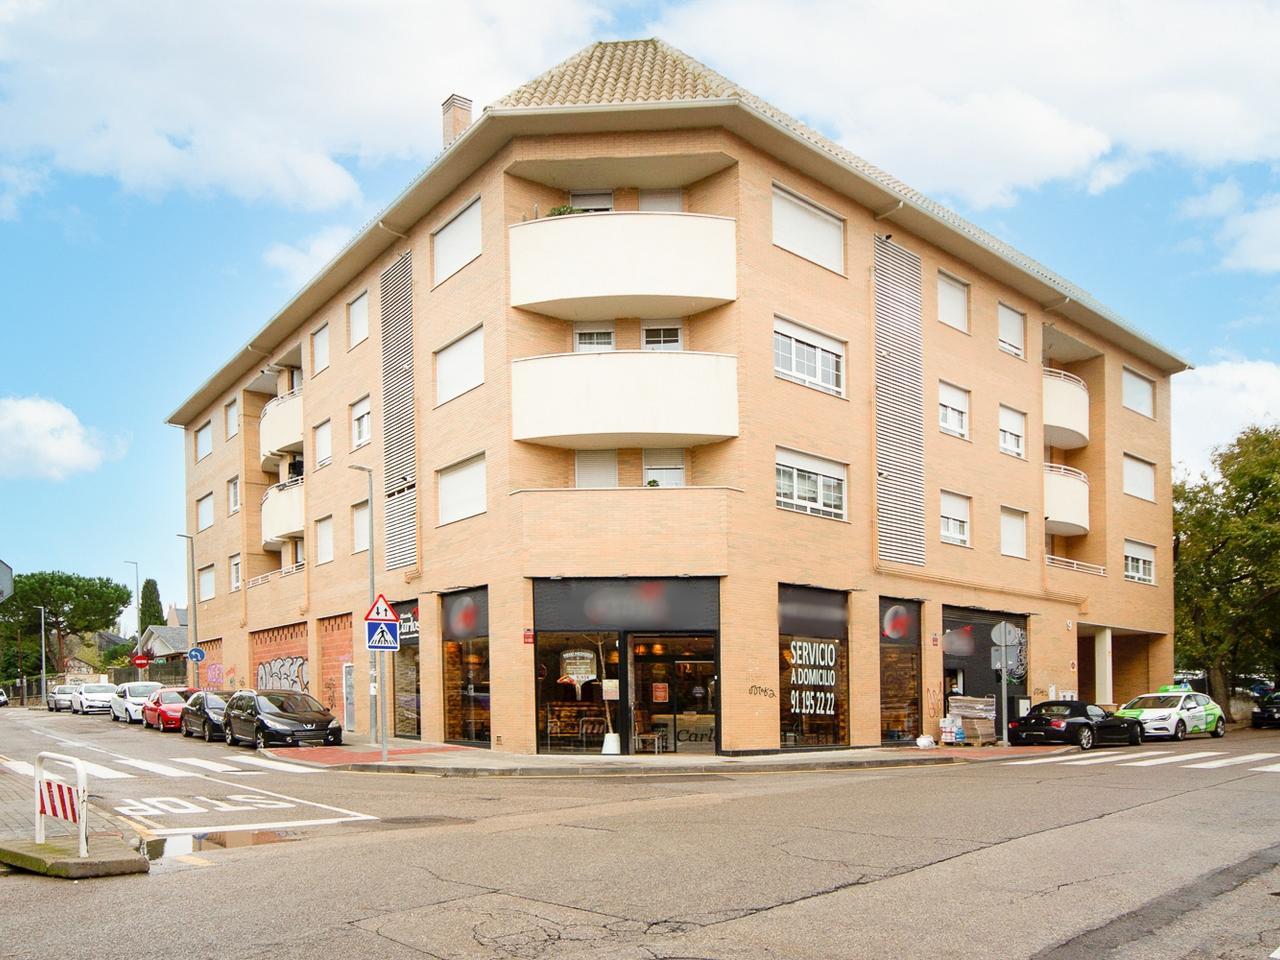 Promoción de viviendas en venta de Servihabitat en Madrid / Servihabitat